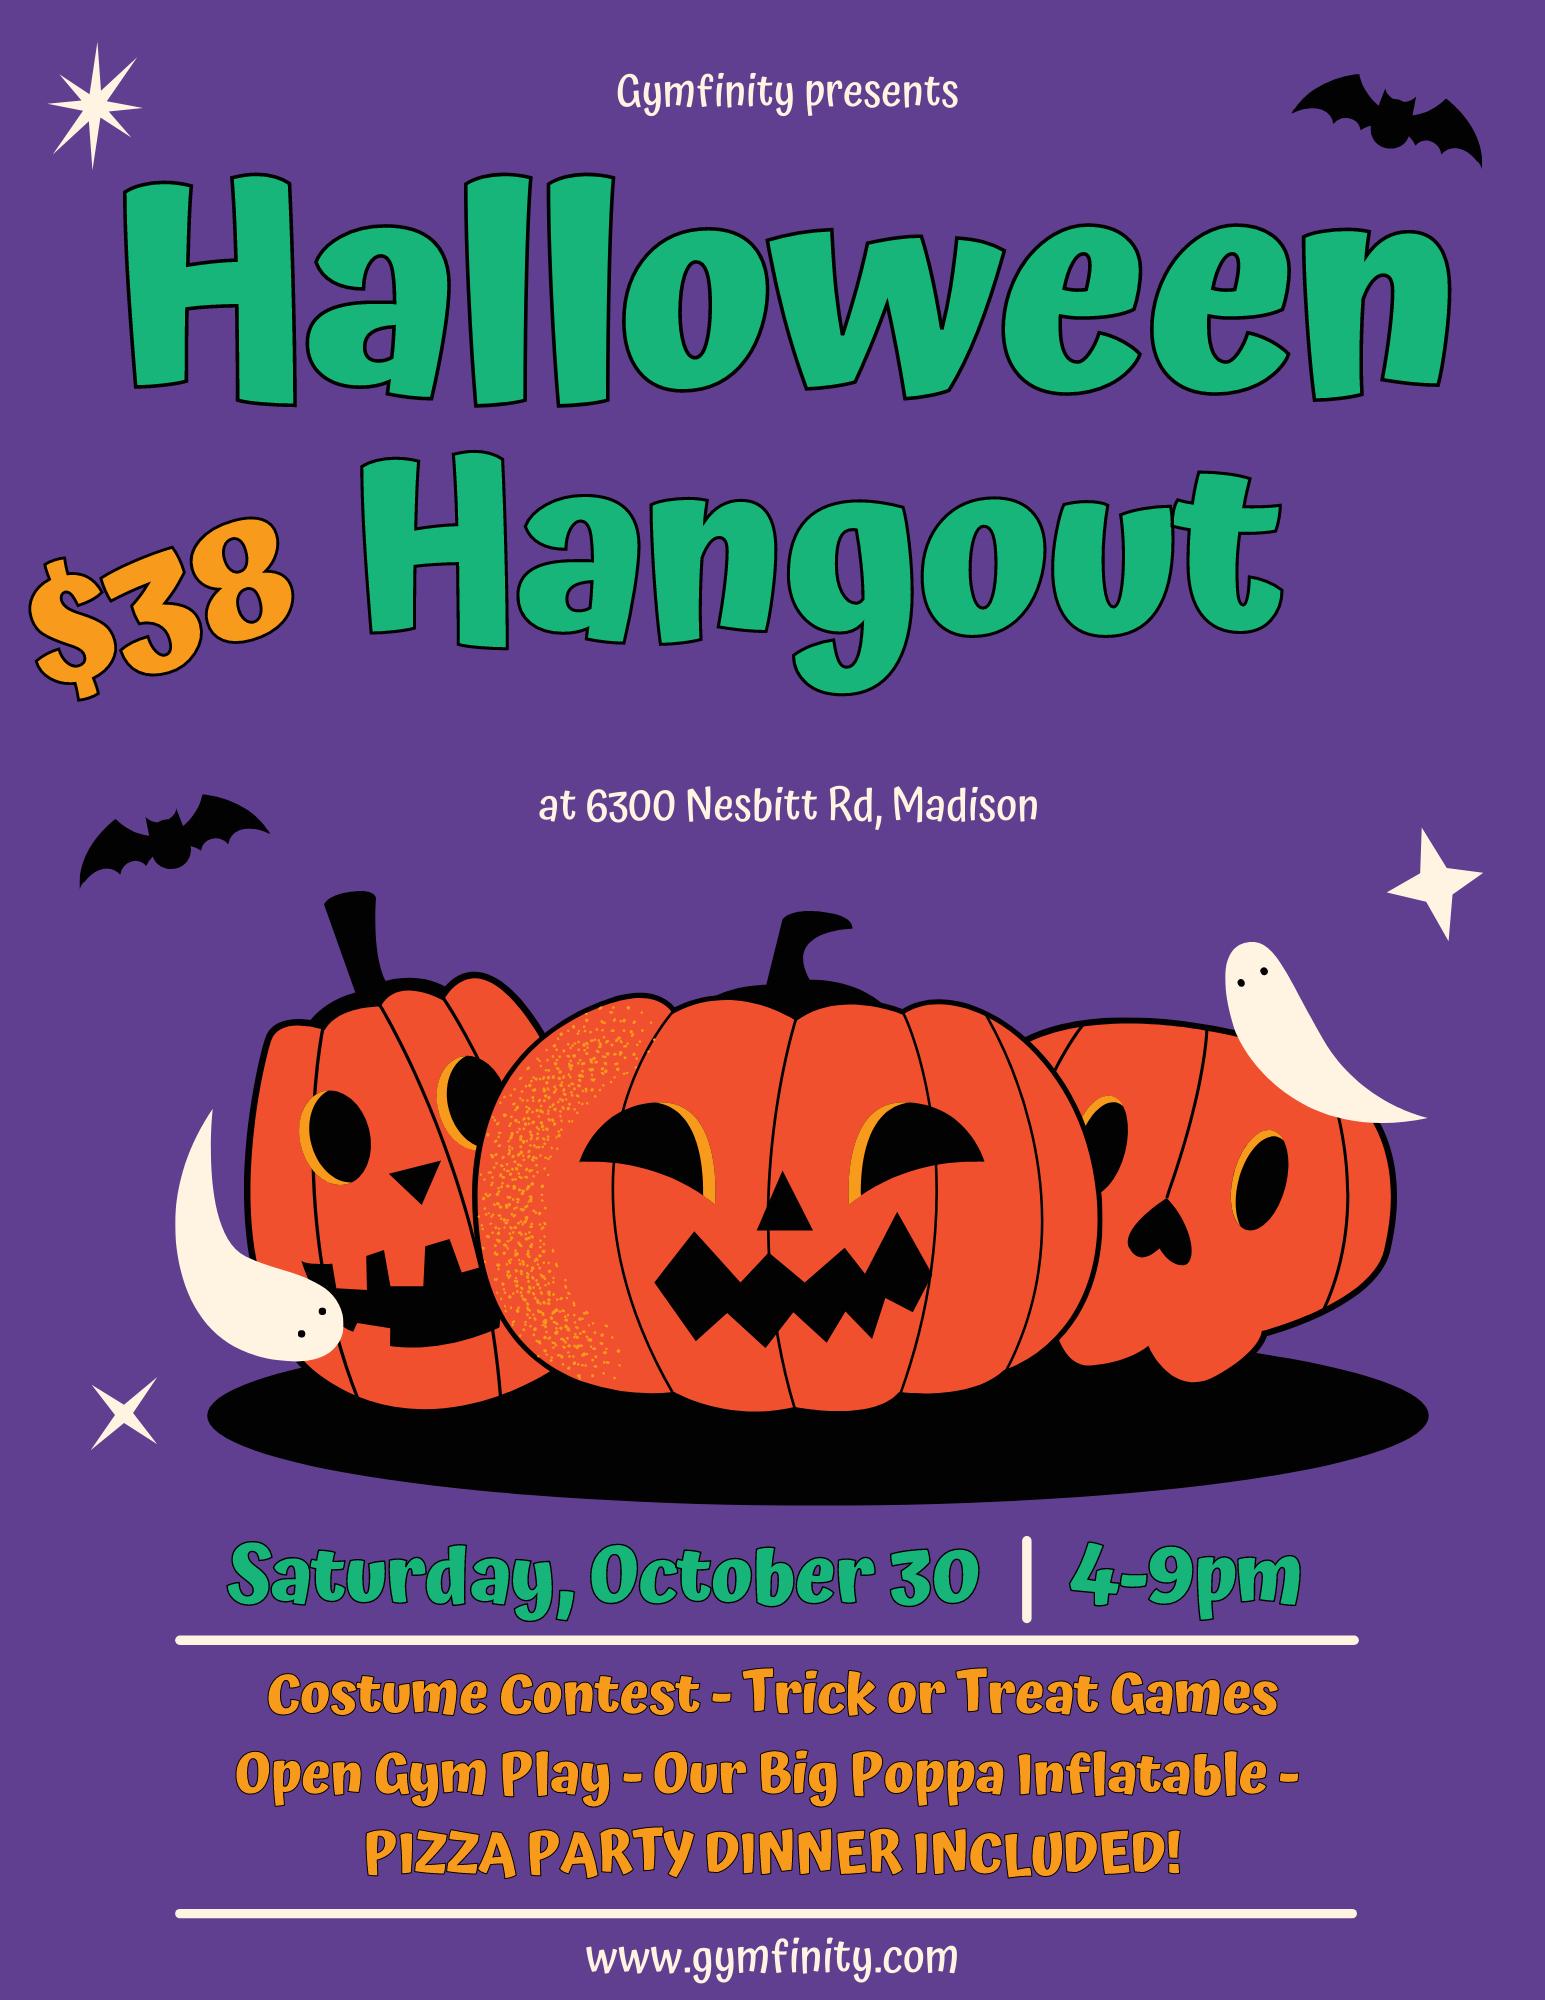 Halloween Hangout